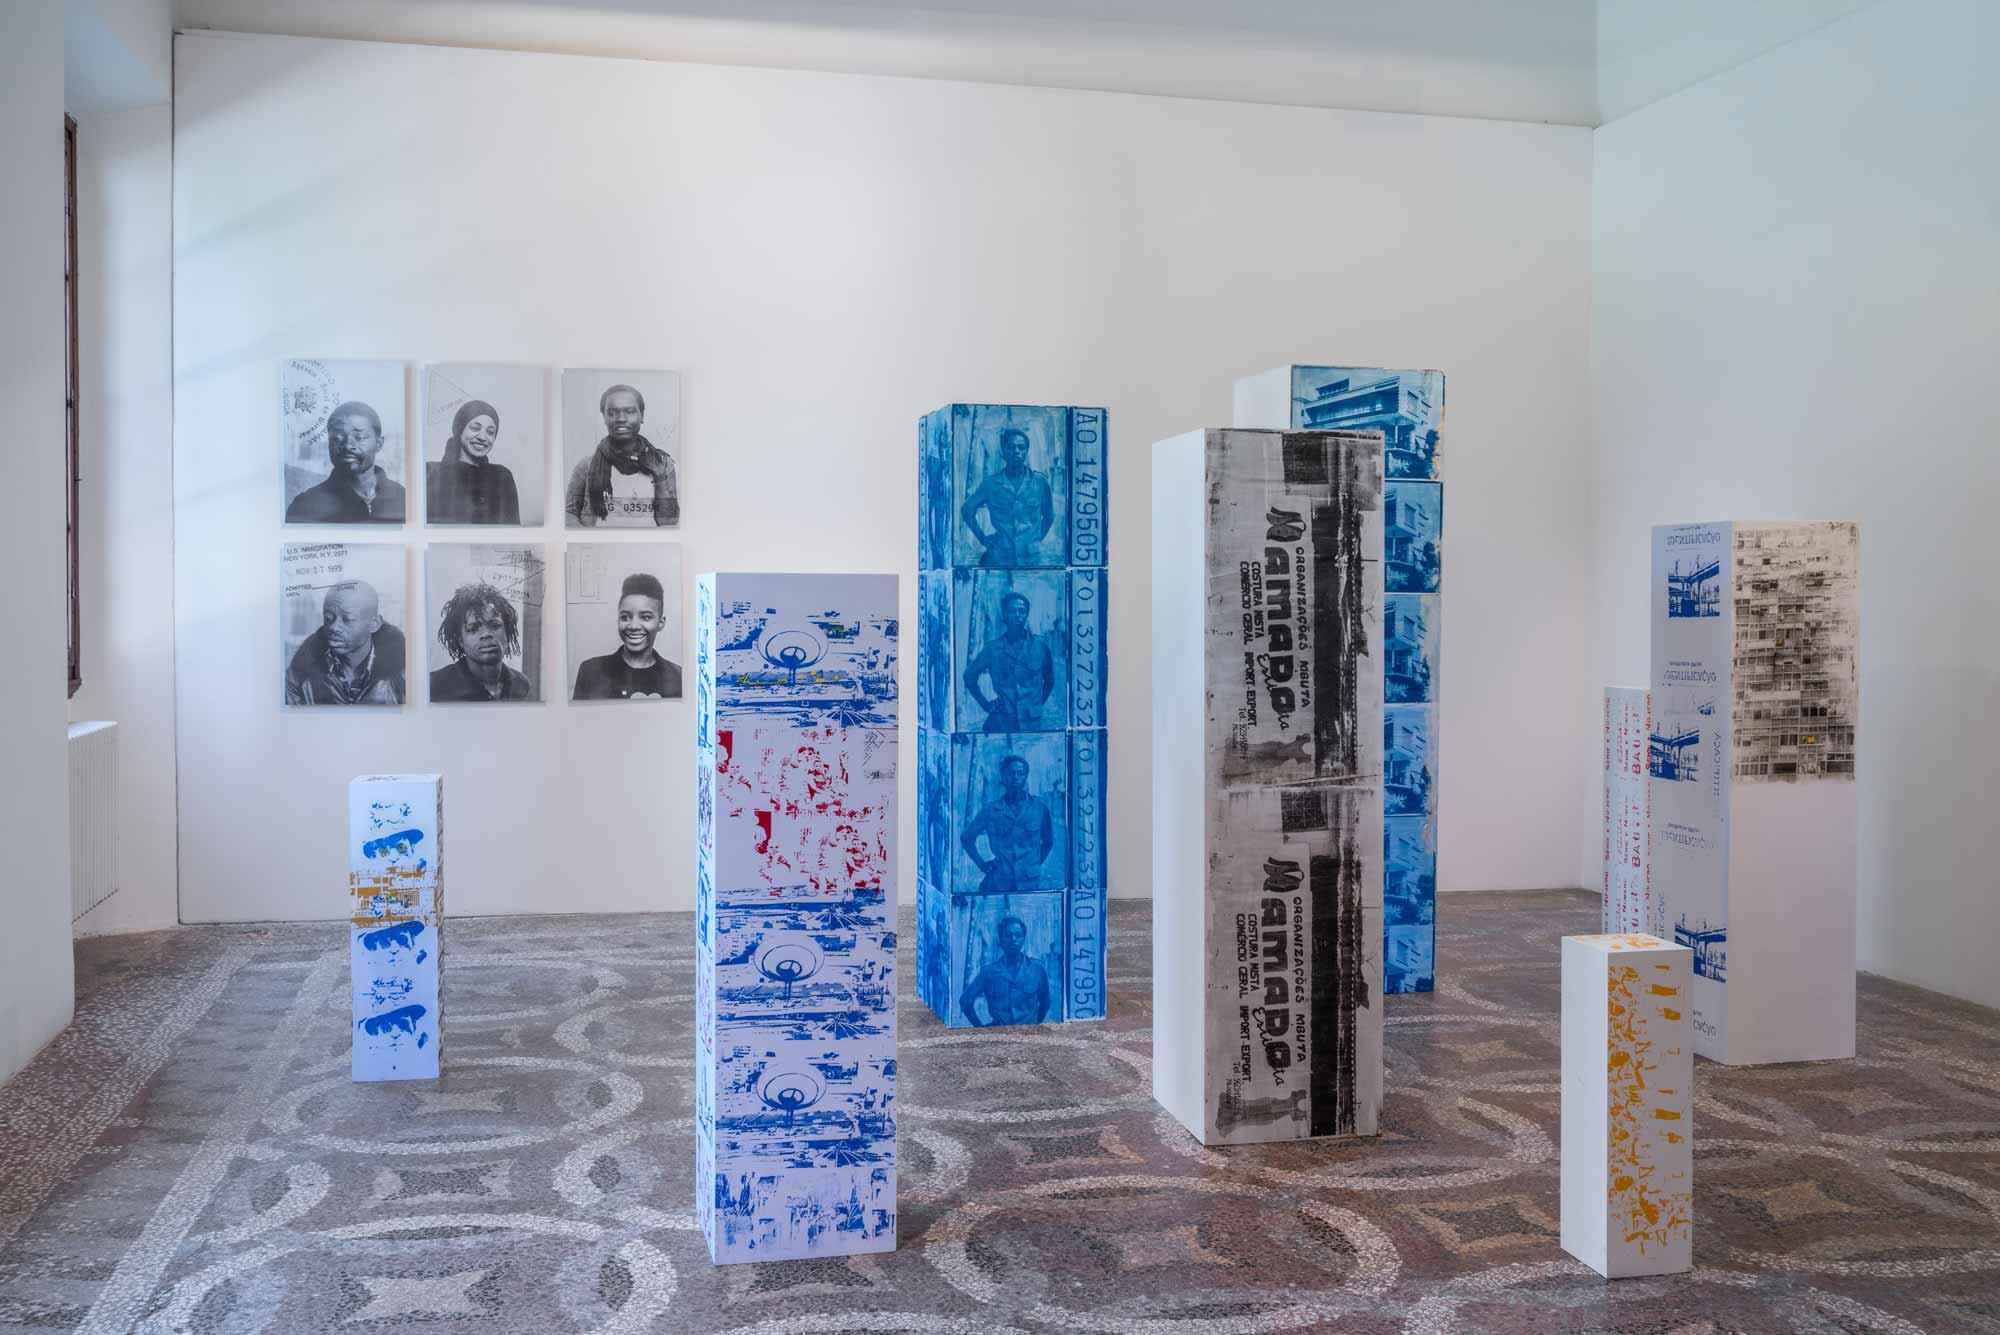 Delio_Jasse, <em>Schengen</em>, 2010, <em>The place to be</em>, 2015, Villa Romana, Florence, 2018; photo: OKNOstudio